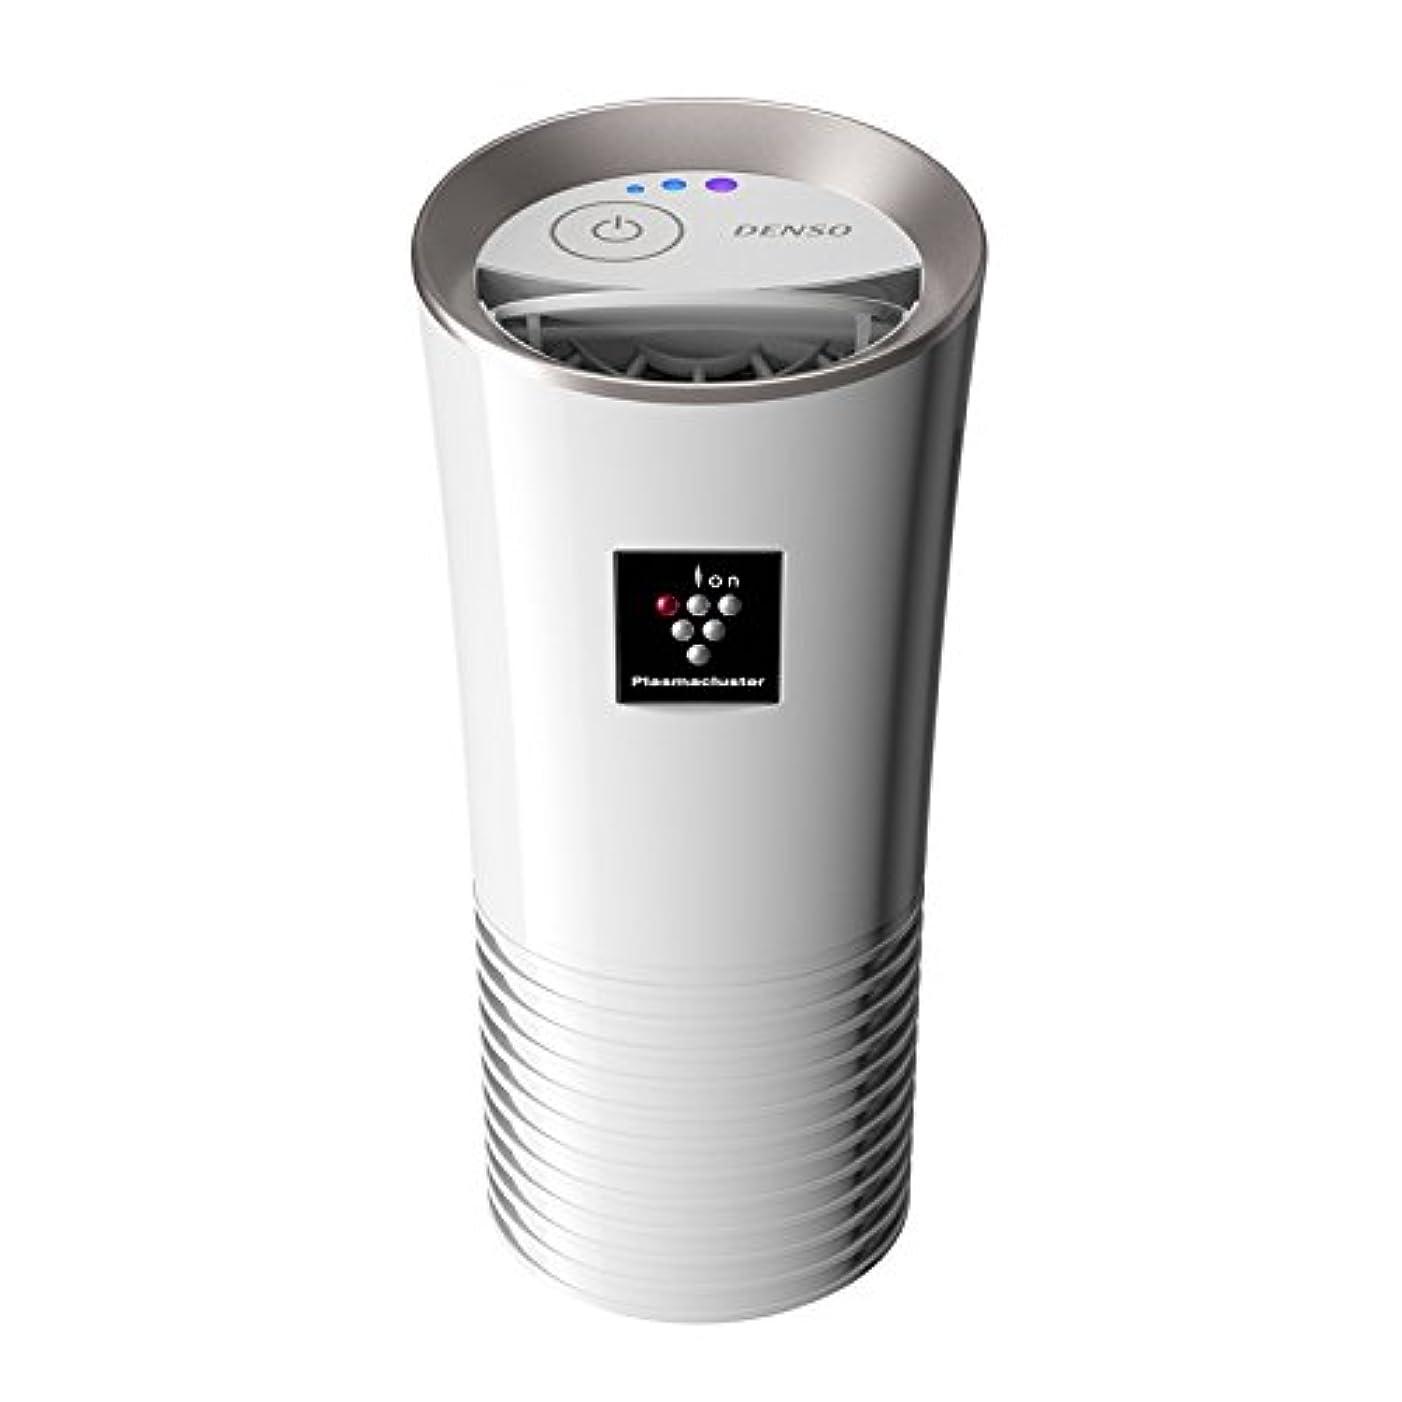 弱める本テンポ完全インテリジェント酸素濃縮器ジェネレータ1-6L / min 酸素濃度30-90% 1L- 6L 携帯便利 低騒音